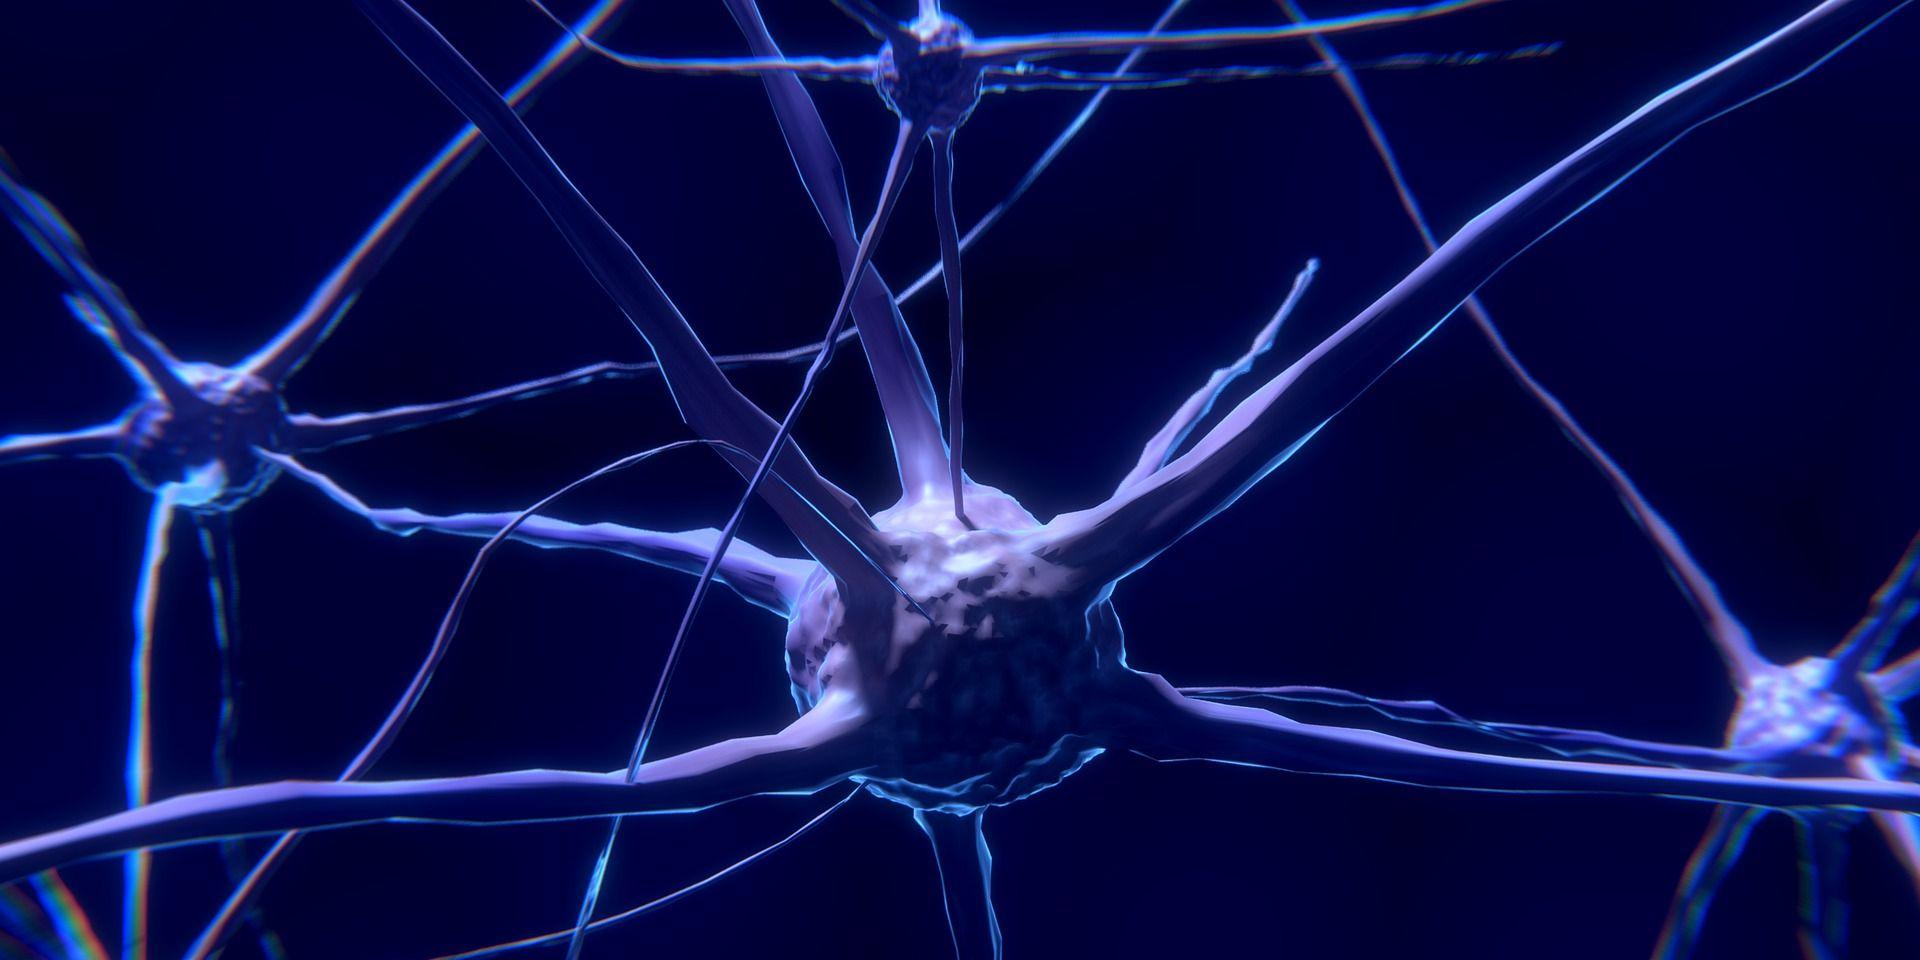 Descubren la señal cerebral que revela que hemos entendido una frase